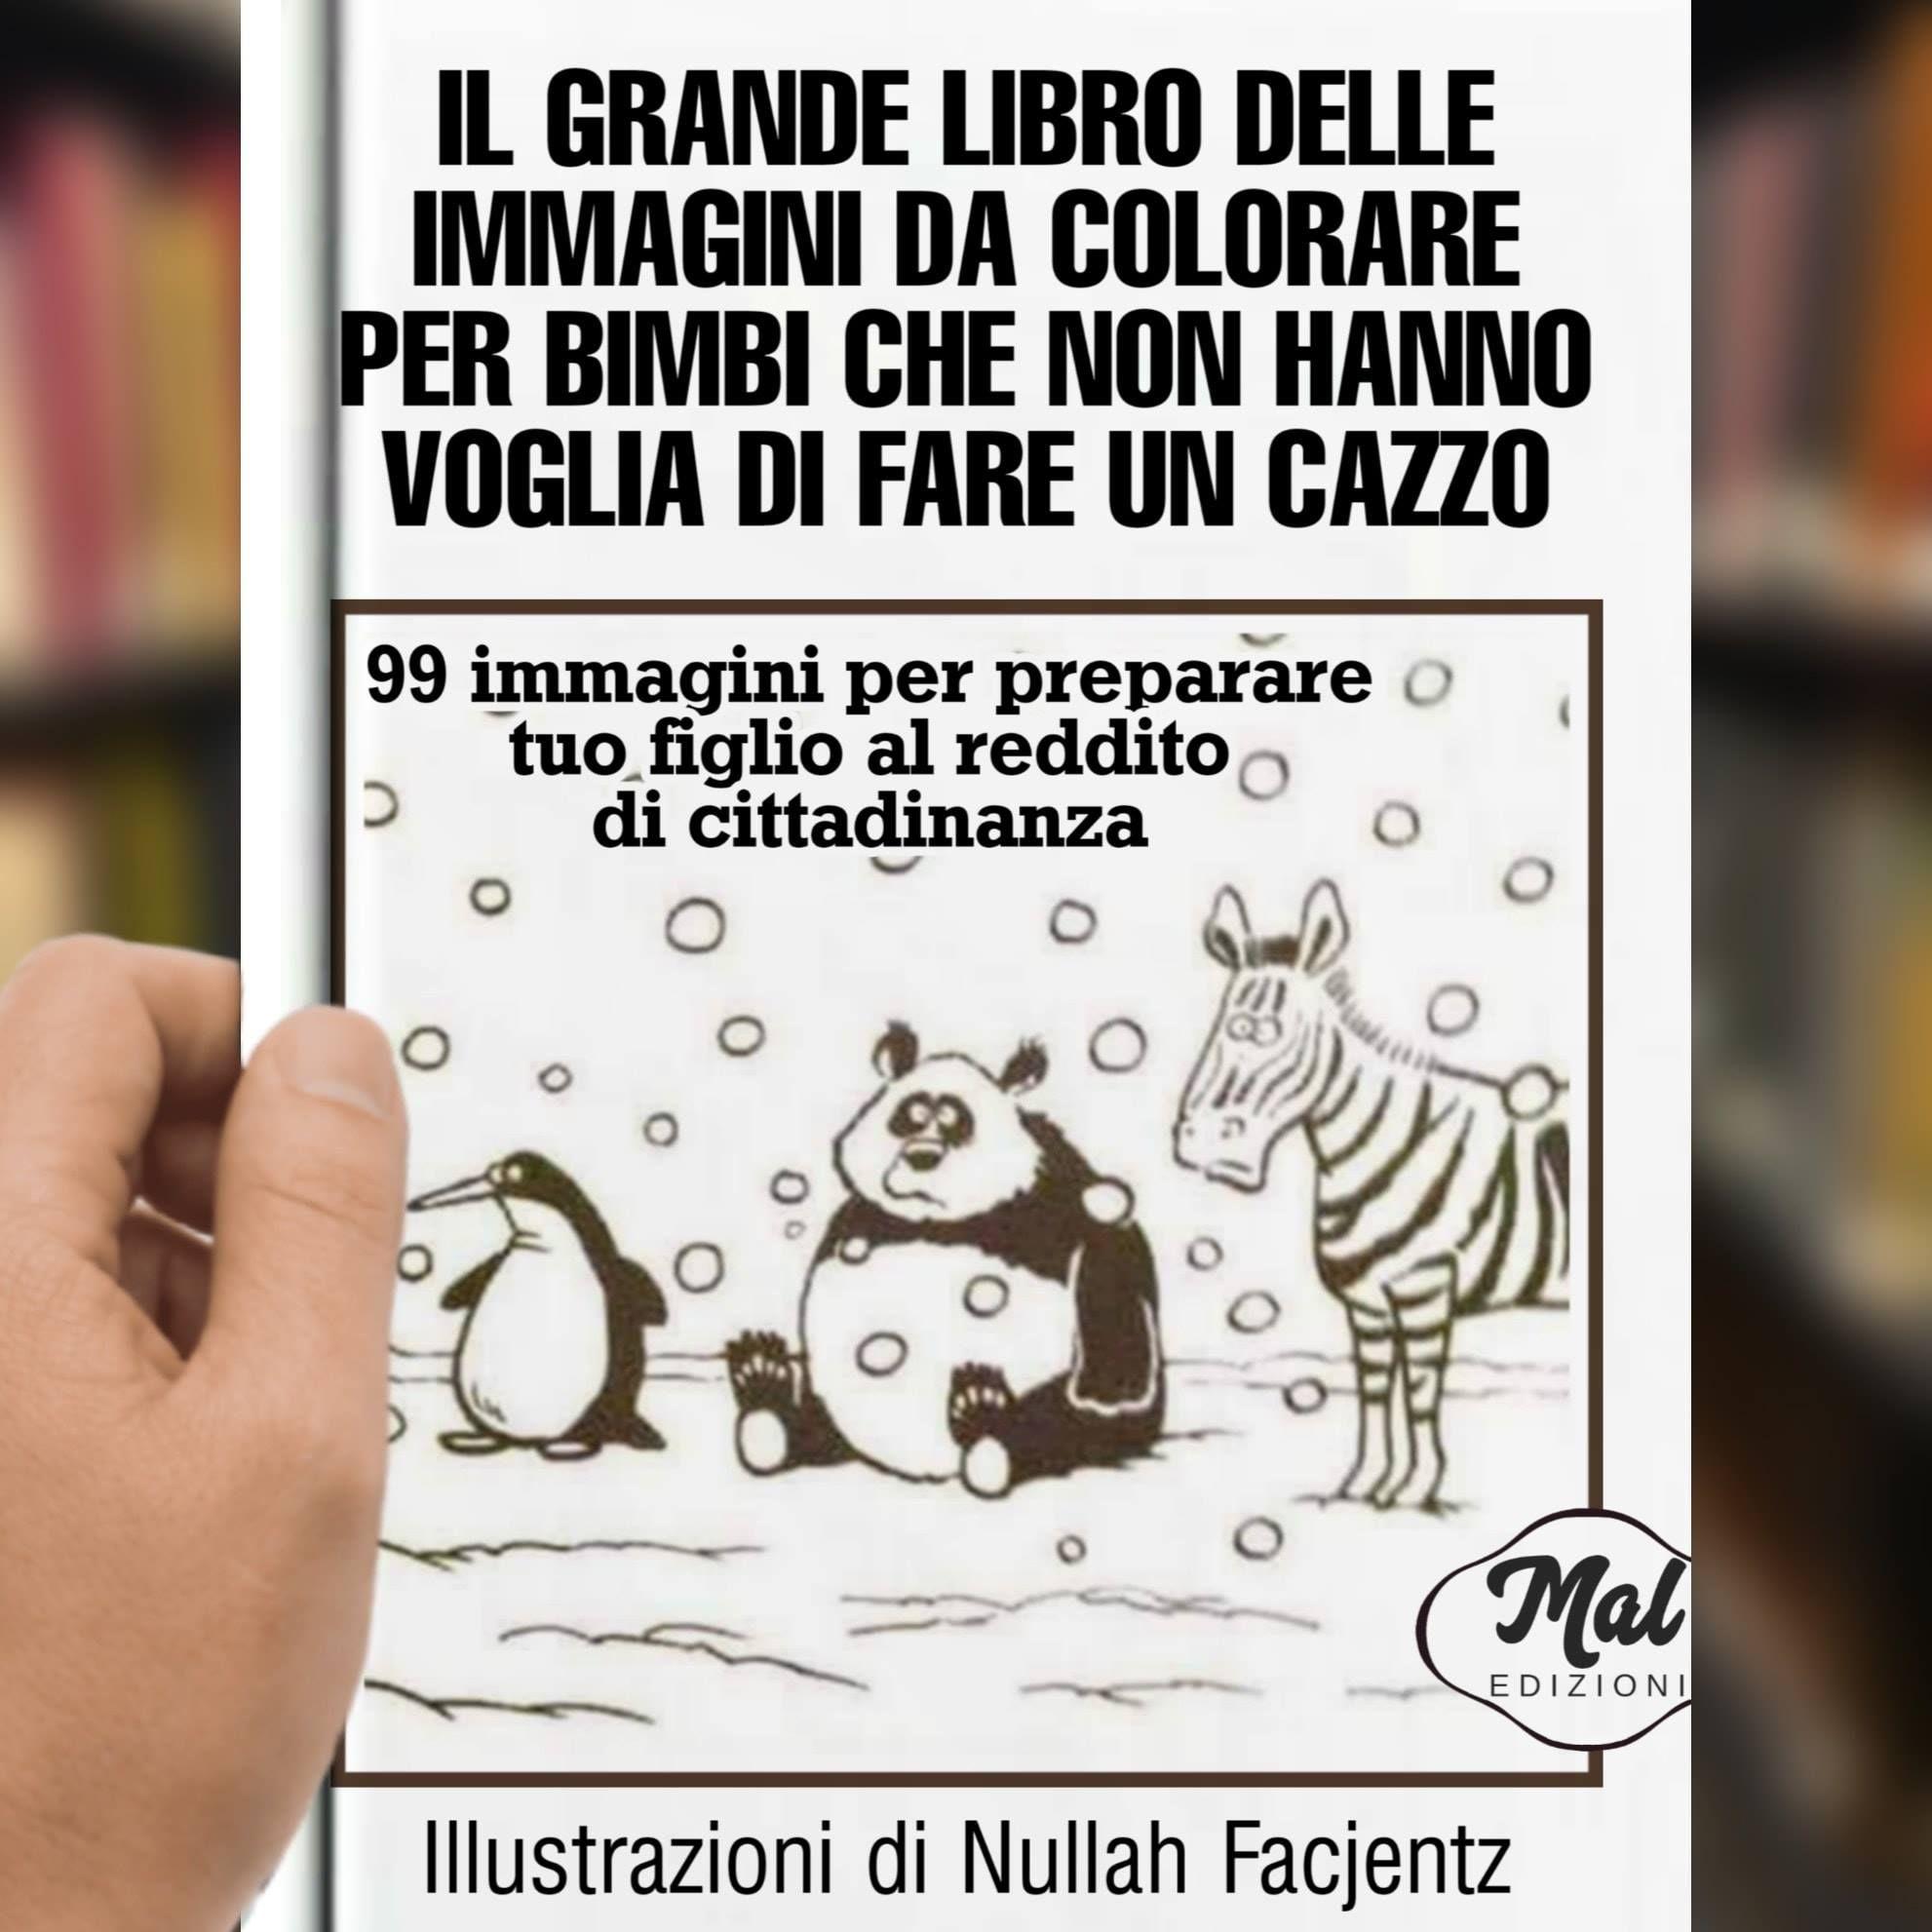 Pin Di Loris Londino Su Comico Immagini Divertenti Humor Divertente Umorismo Divertente